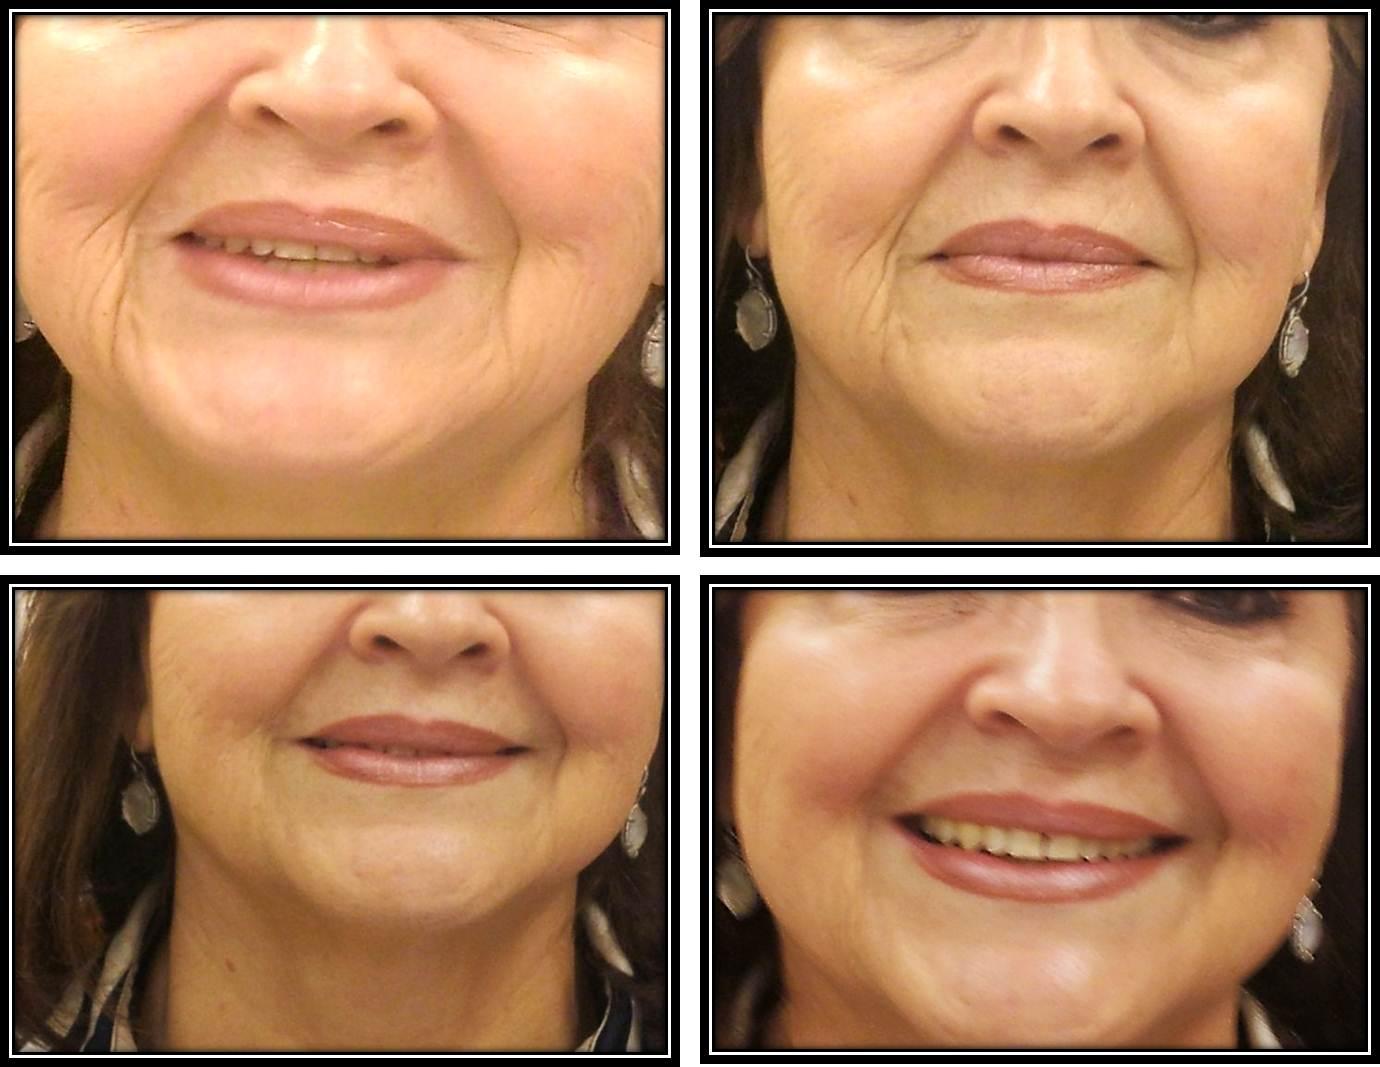 Tightening Skin & Increasing Collagen